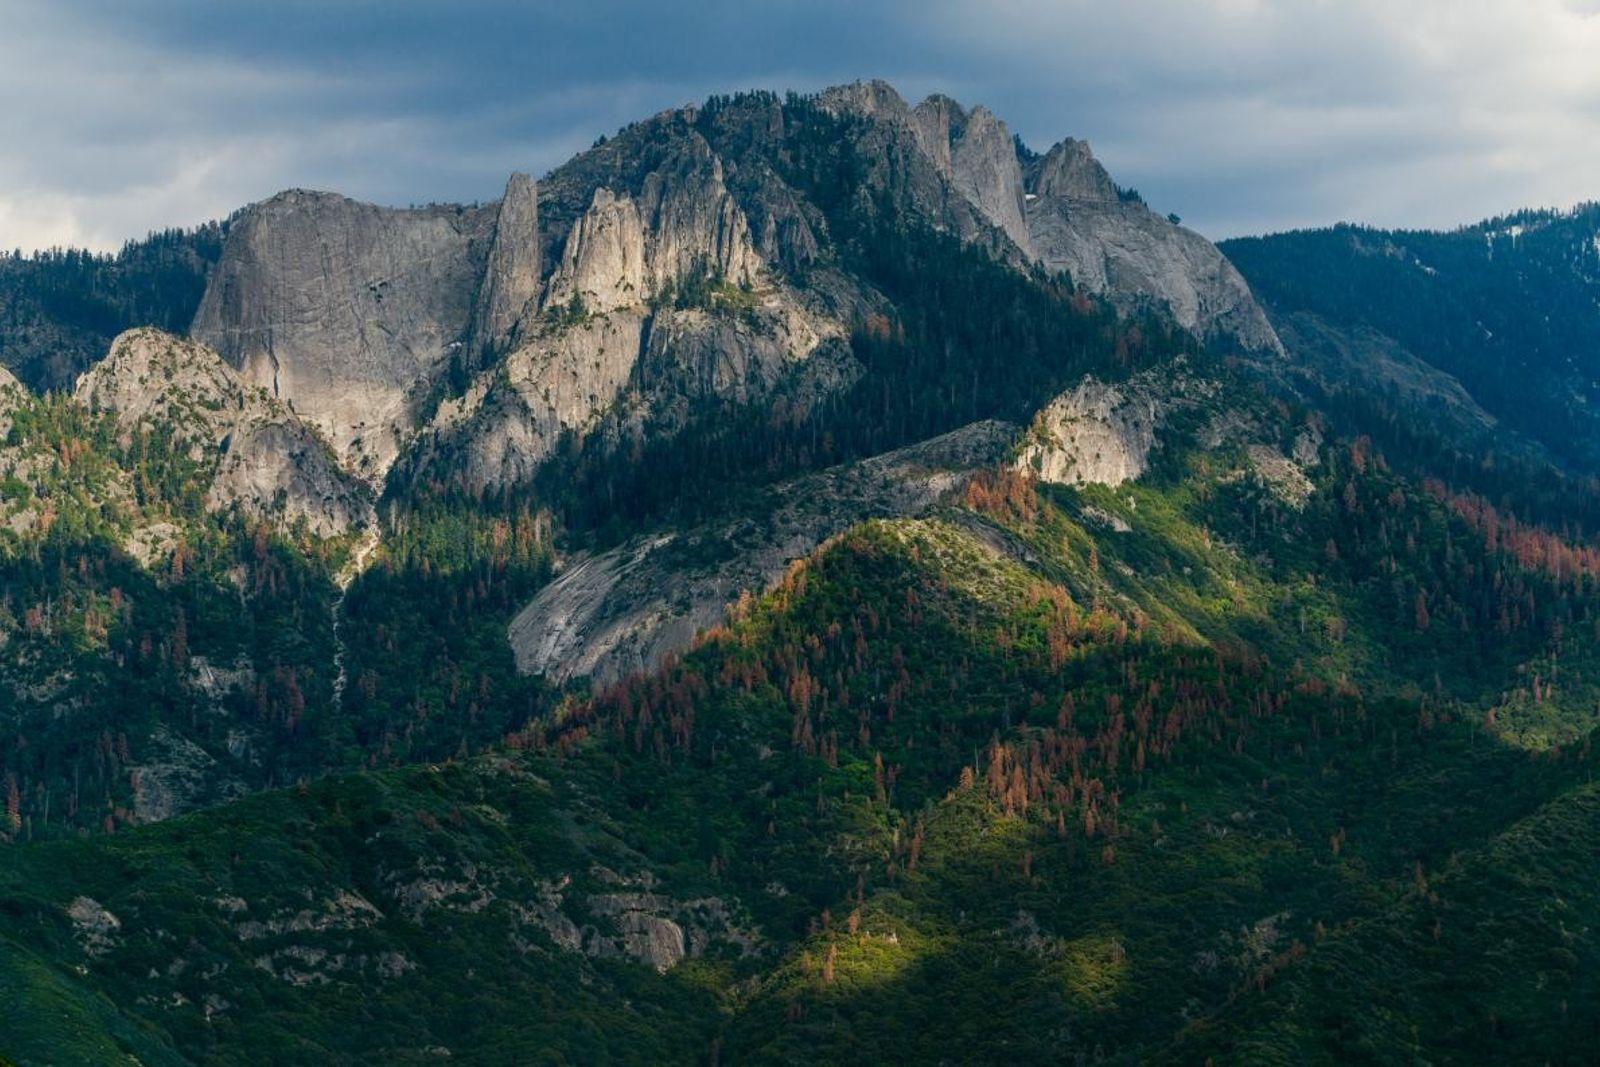 Sequoia Park et son parc adjacent, Kings Canyon, englobent une vaste gamme d'élévations et d'habitats, s'étendant ...